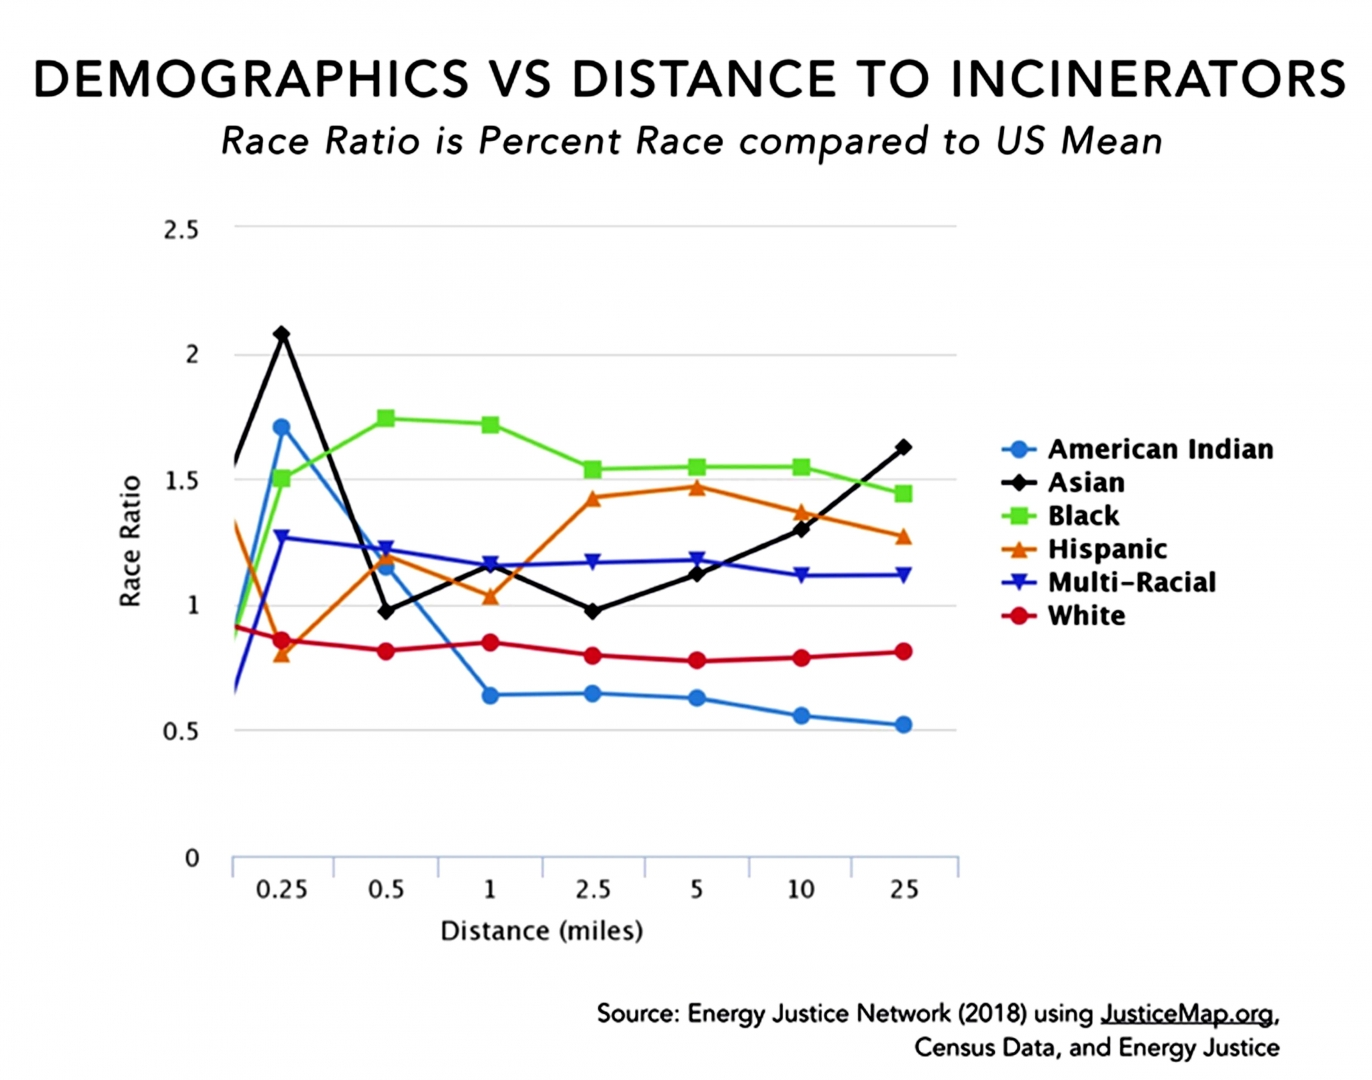 Рис. 7. Изменение расового состава населения в зависимости от удалённости МСЗ от жилья. Голубой — американские индейцы, чёрный — азиаты, зелёный — чернокожие; жёлтый — испаноговорящие; синий — метисы; красный – белые